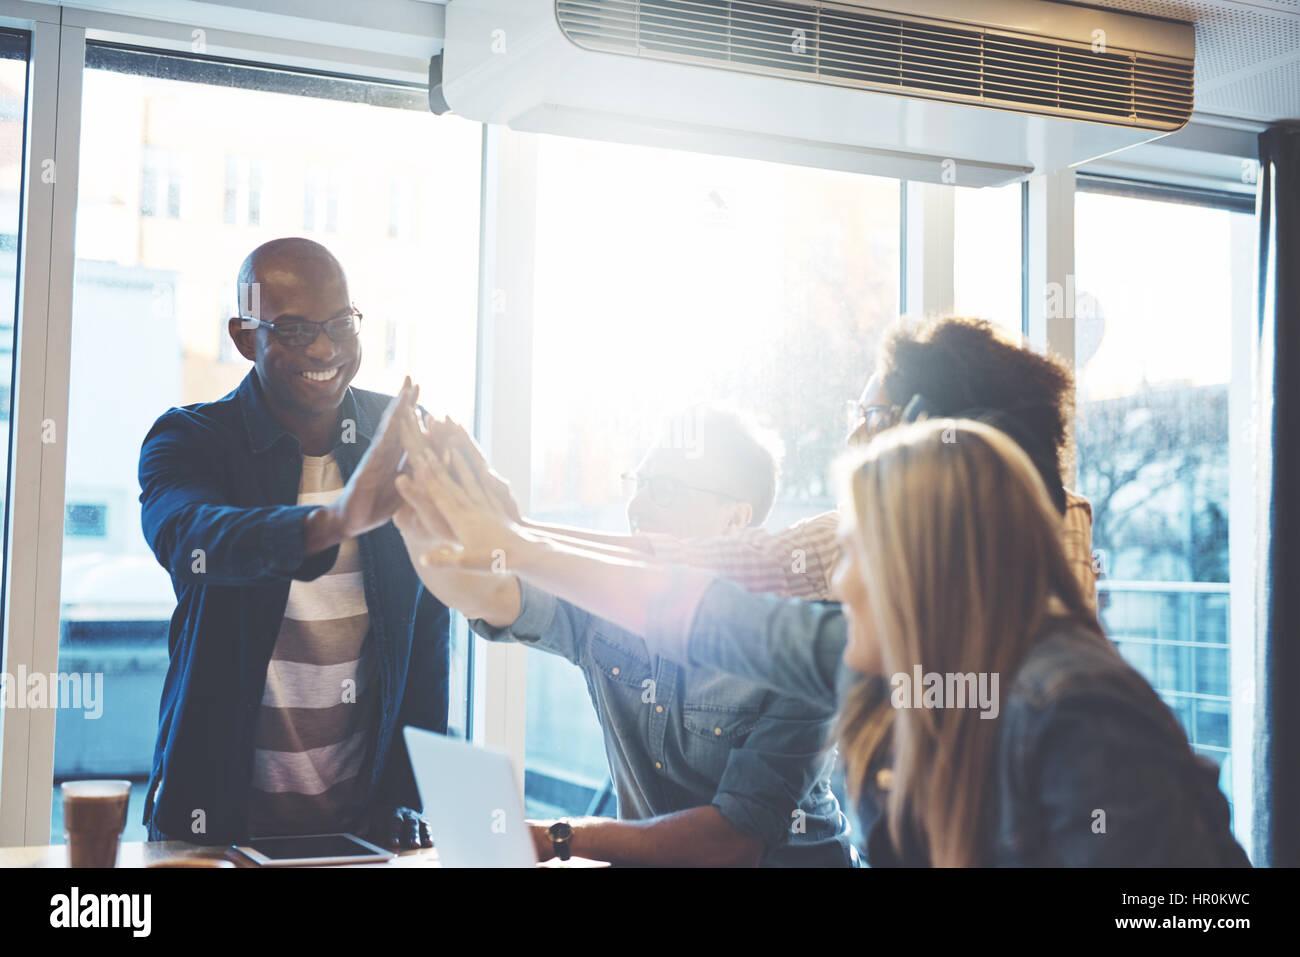 Junge Menschen in Freizeitkleidung geben High Fives zu einander, als ob etwas feiern, gegen hellen Fenster im Cafe Stockbild